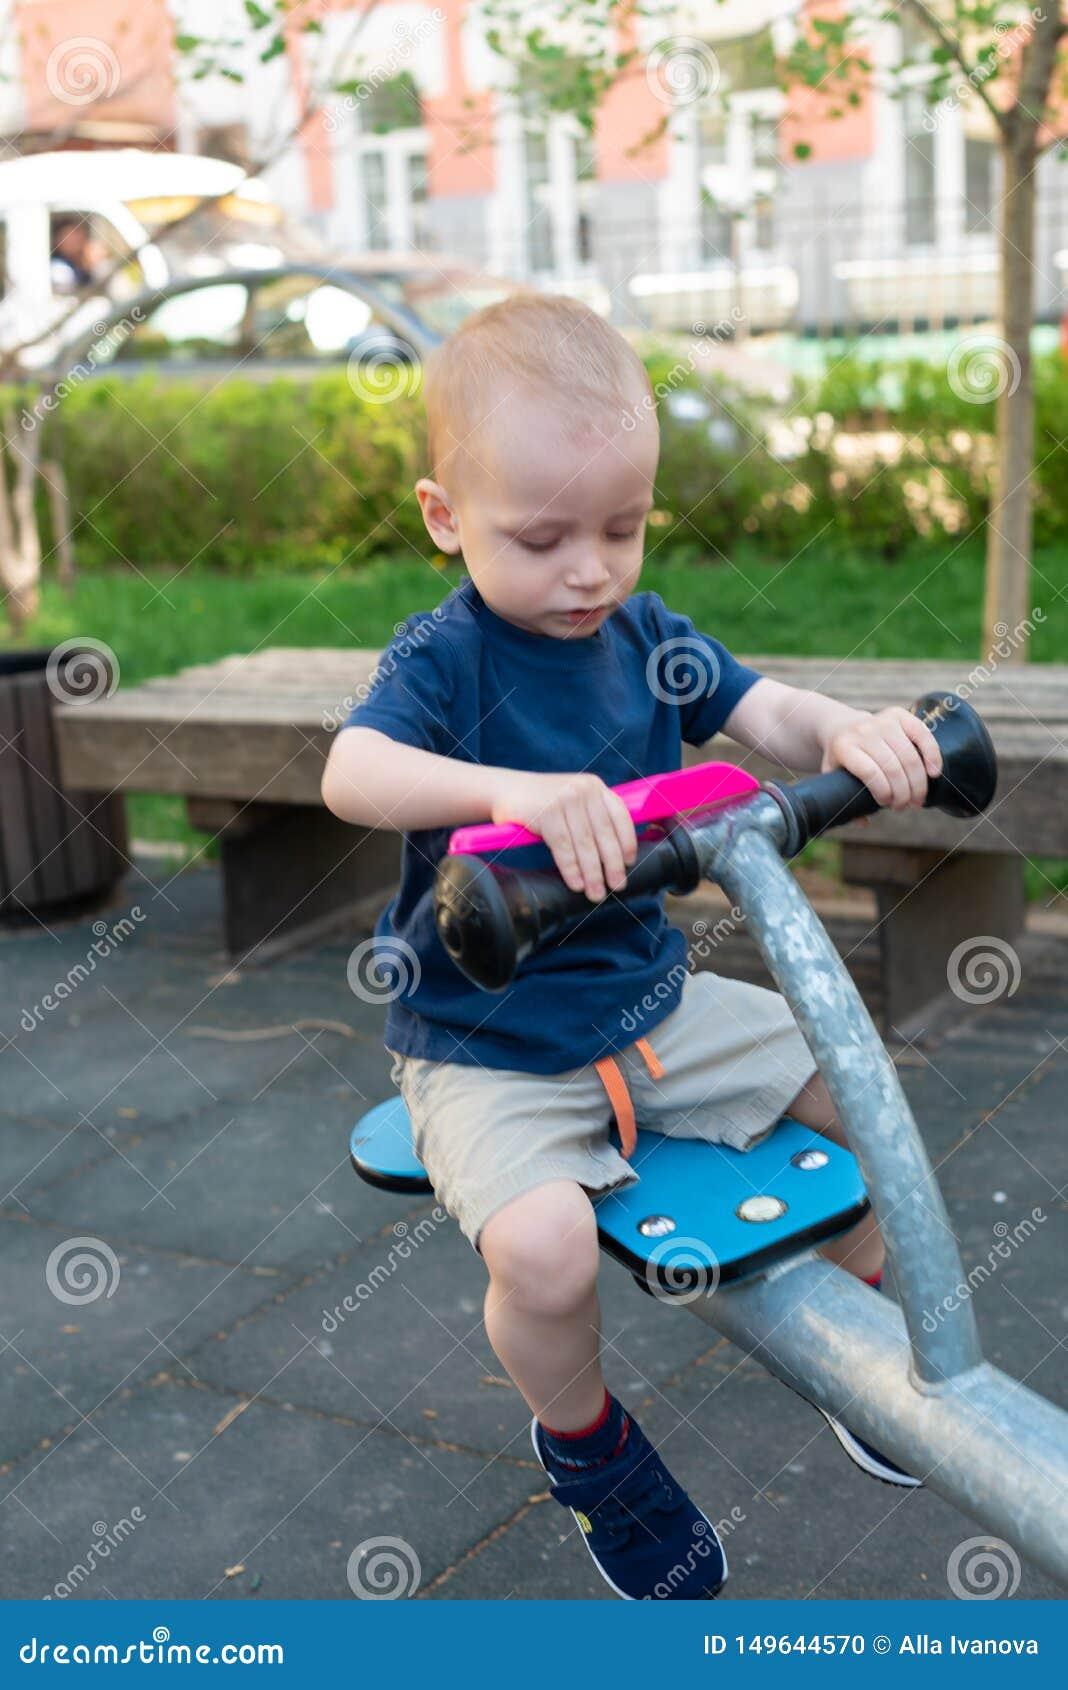 Ребенок играя на на открытом воздухе спортивной площадке летом Дети играют на дворе детского сада Активный ребенк держа качание и